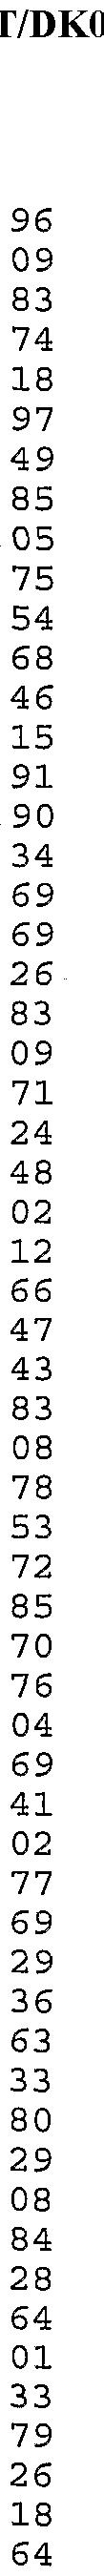 Figure imgf000101_0008